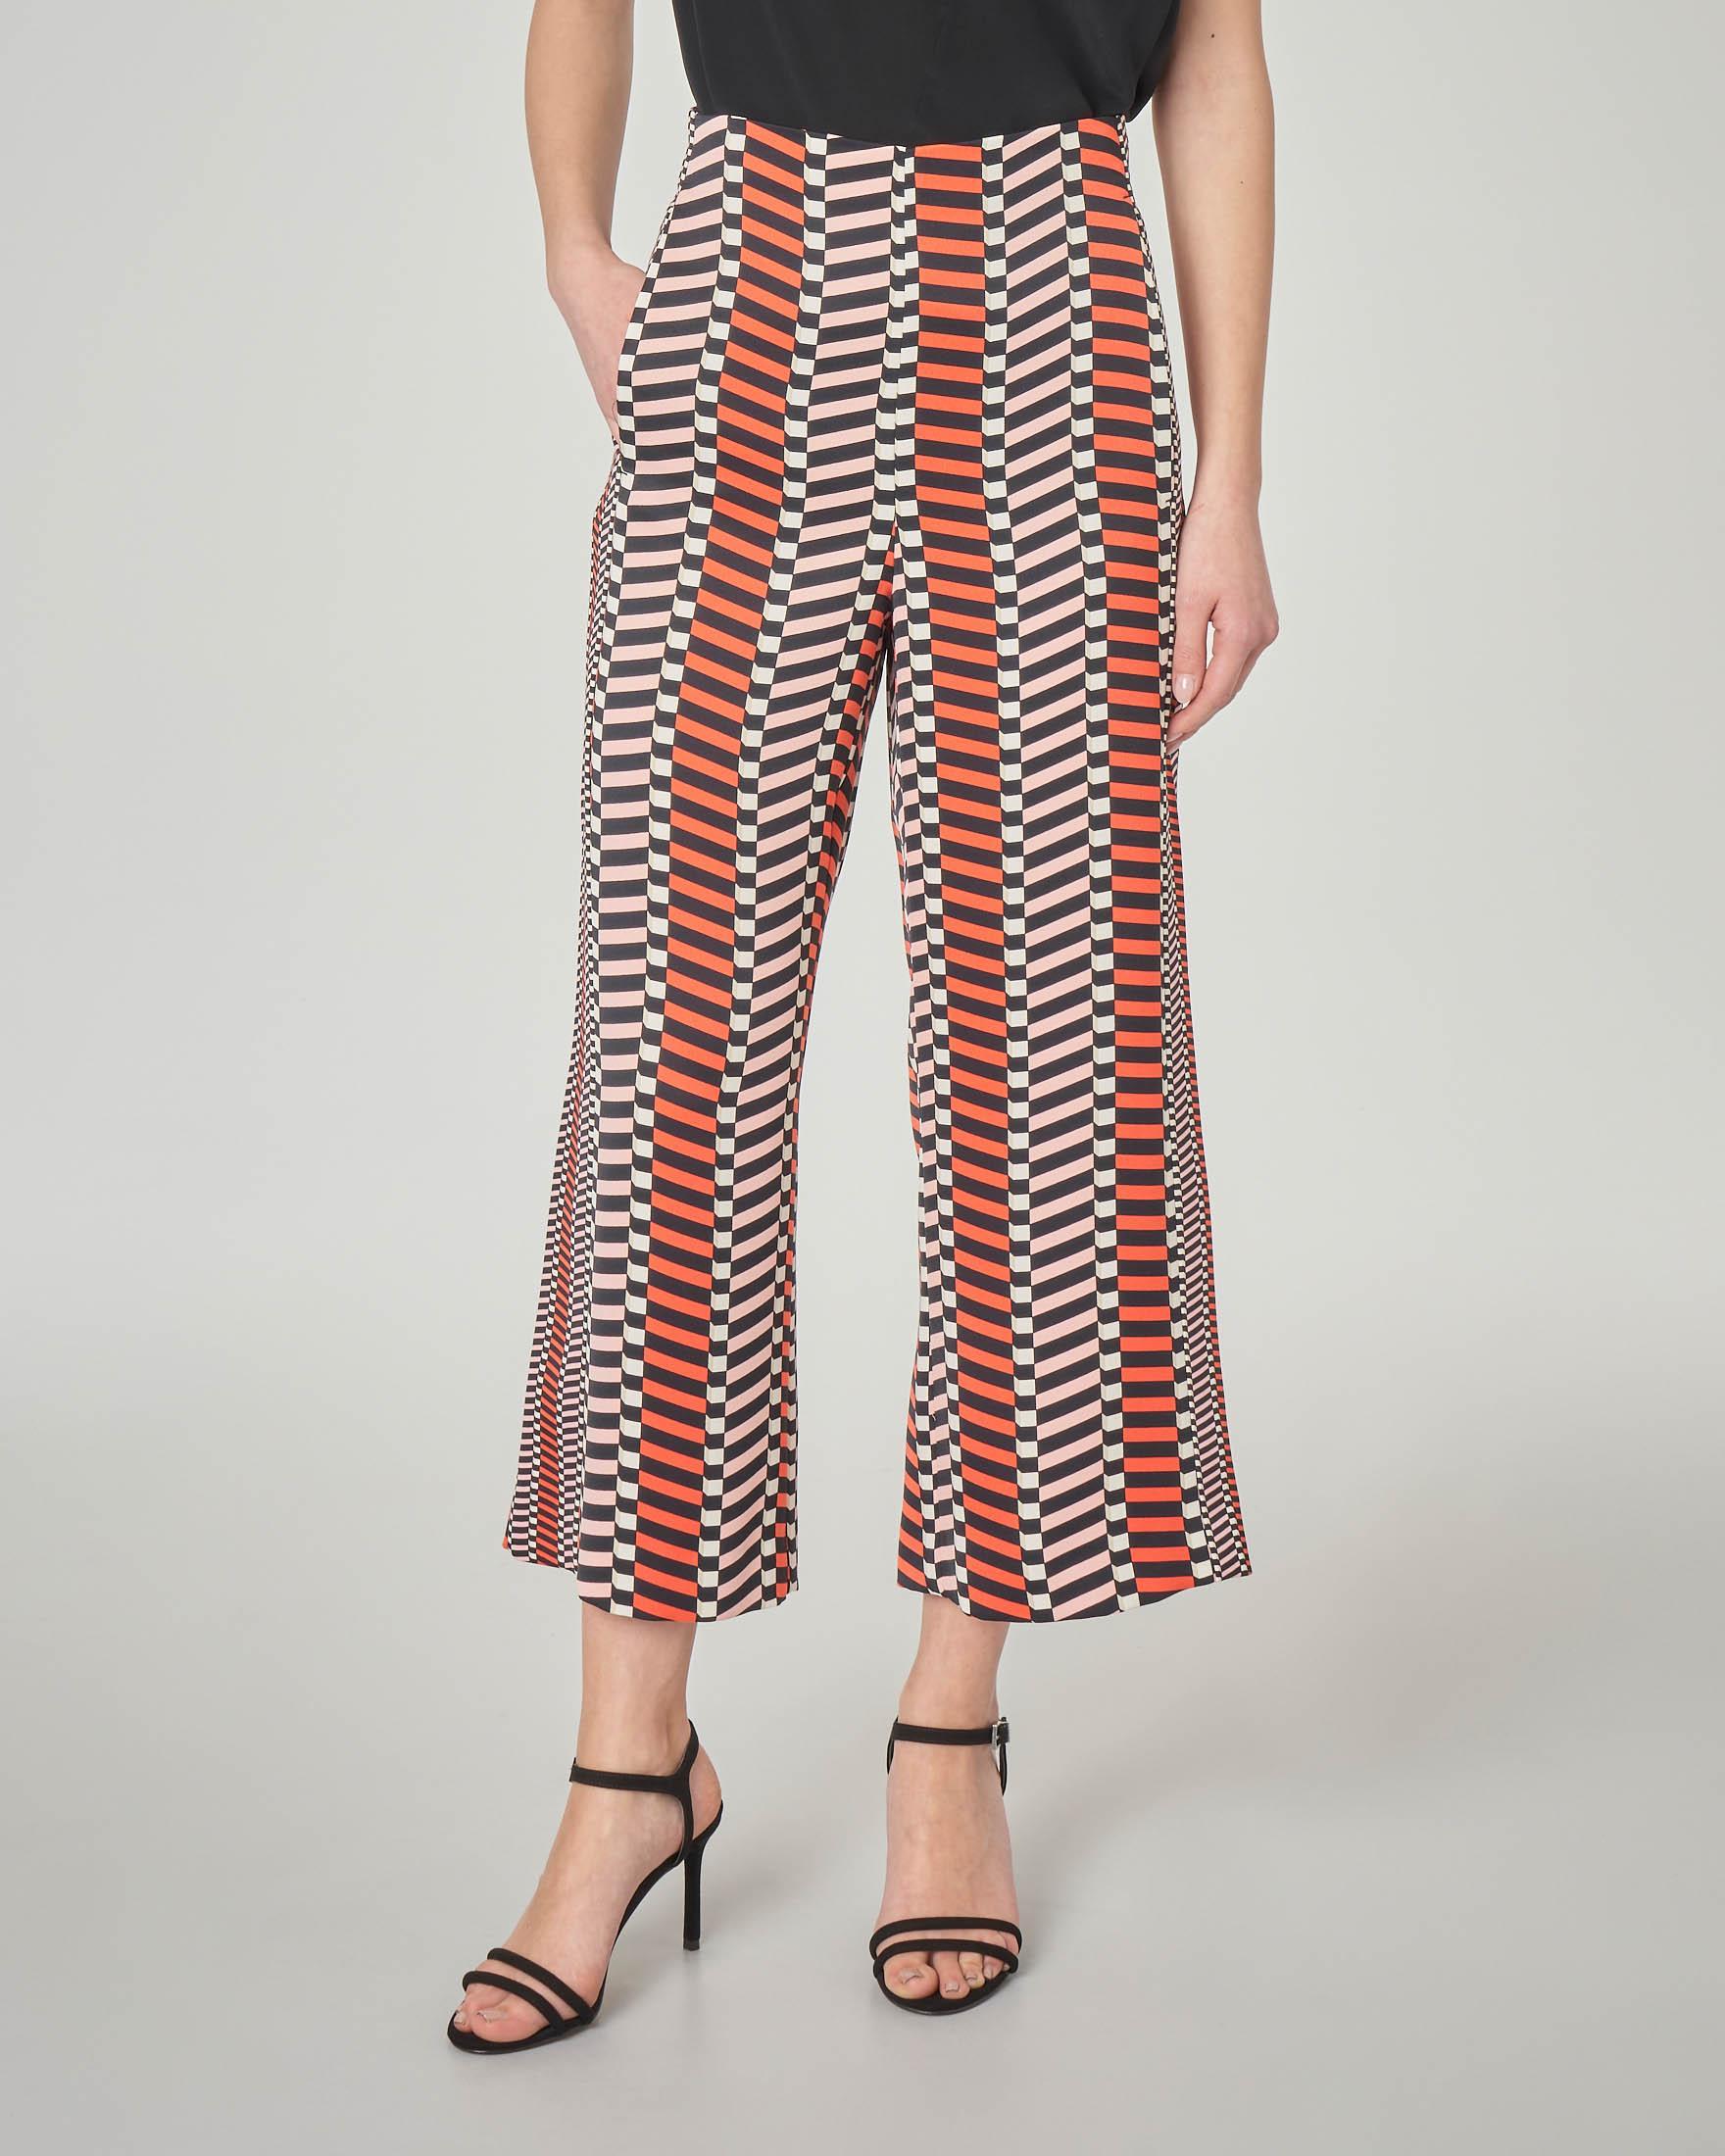 Pantalone culotte a fantasia optical